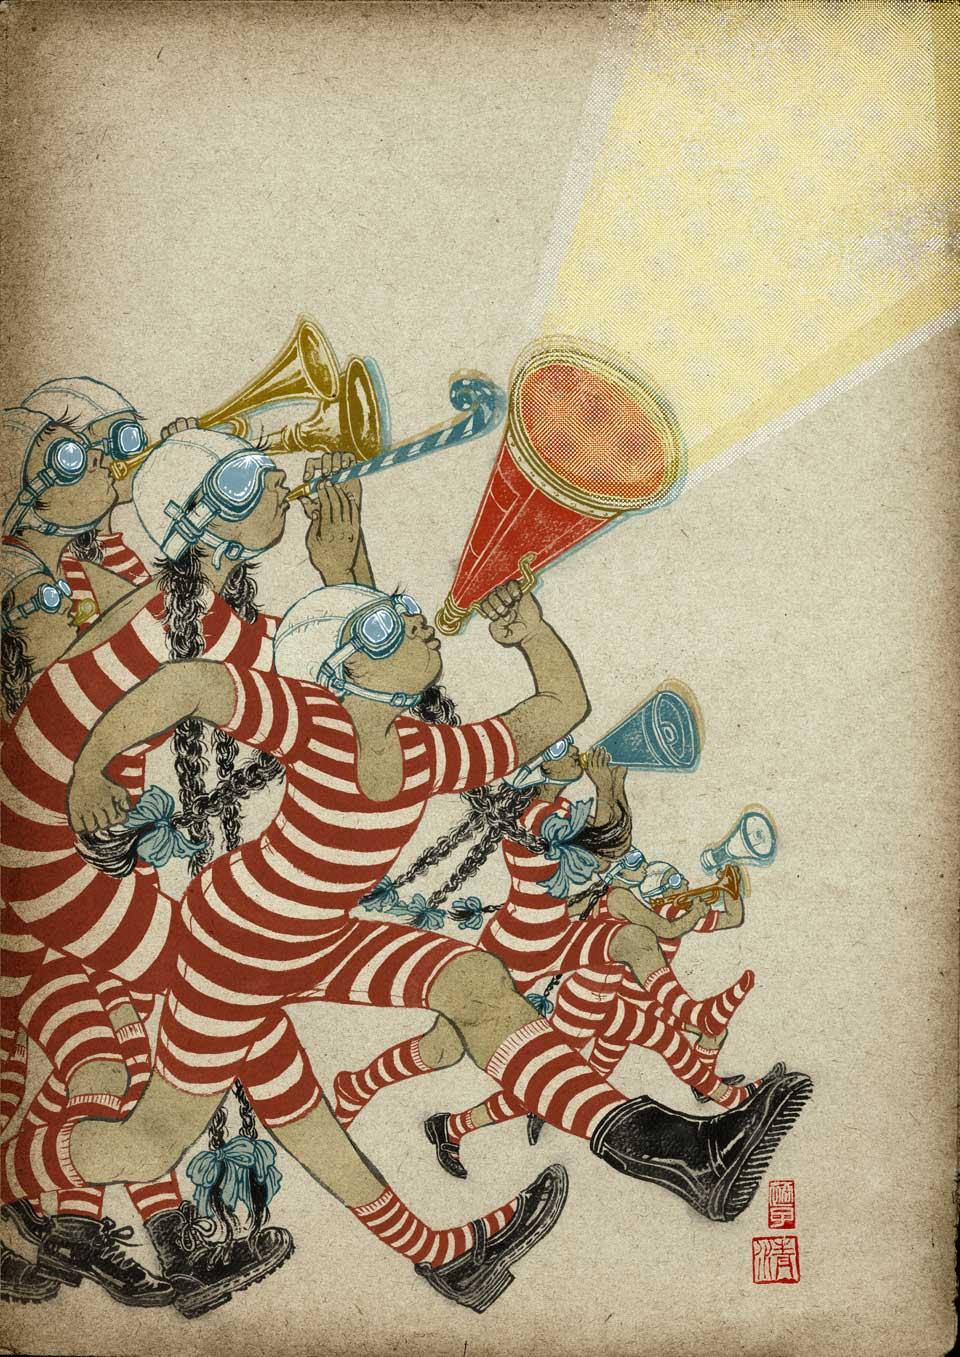 Yuko Shimizu - Tokyo Night Show poster -